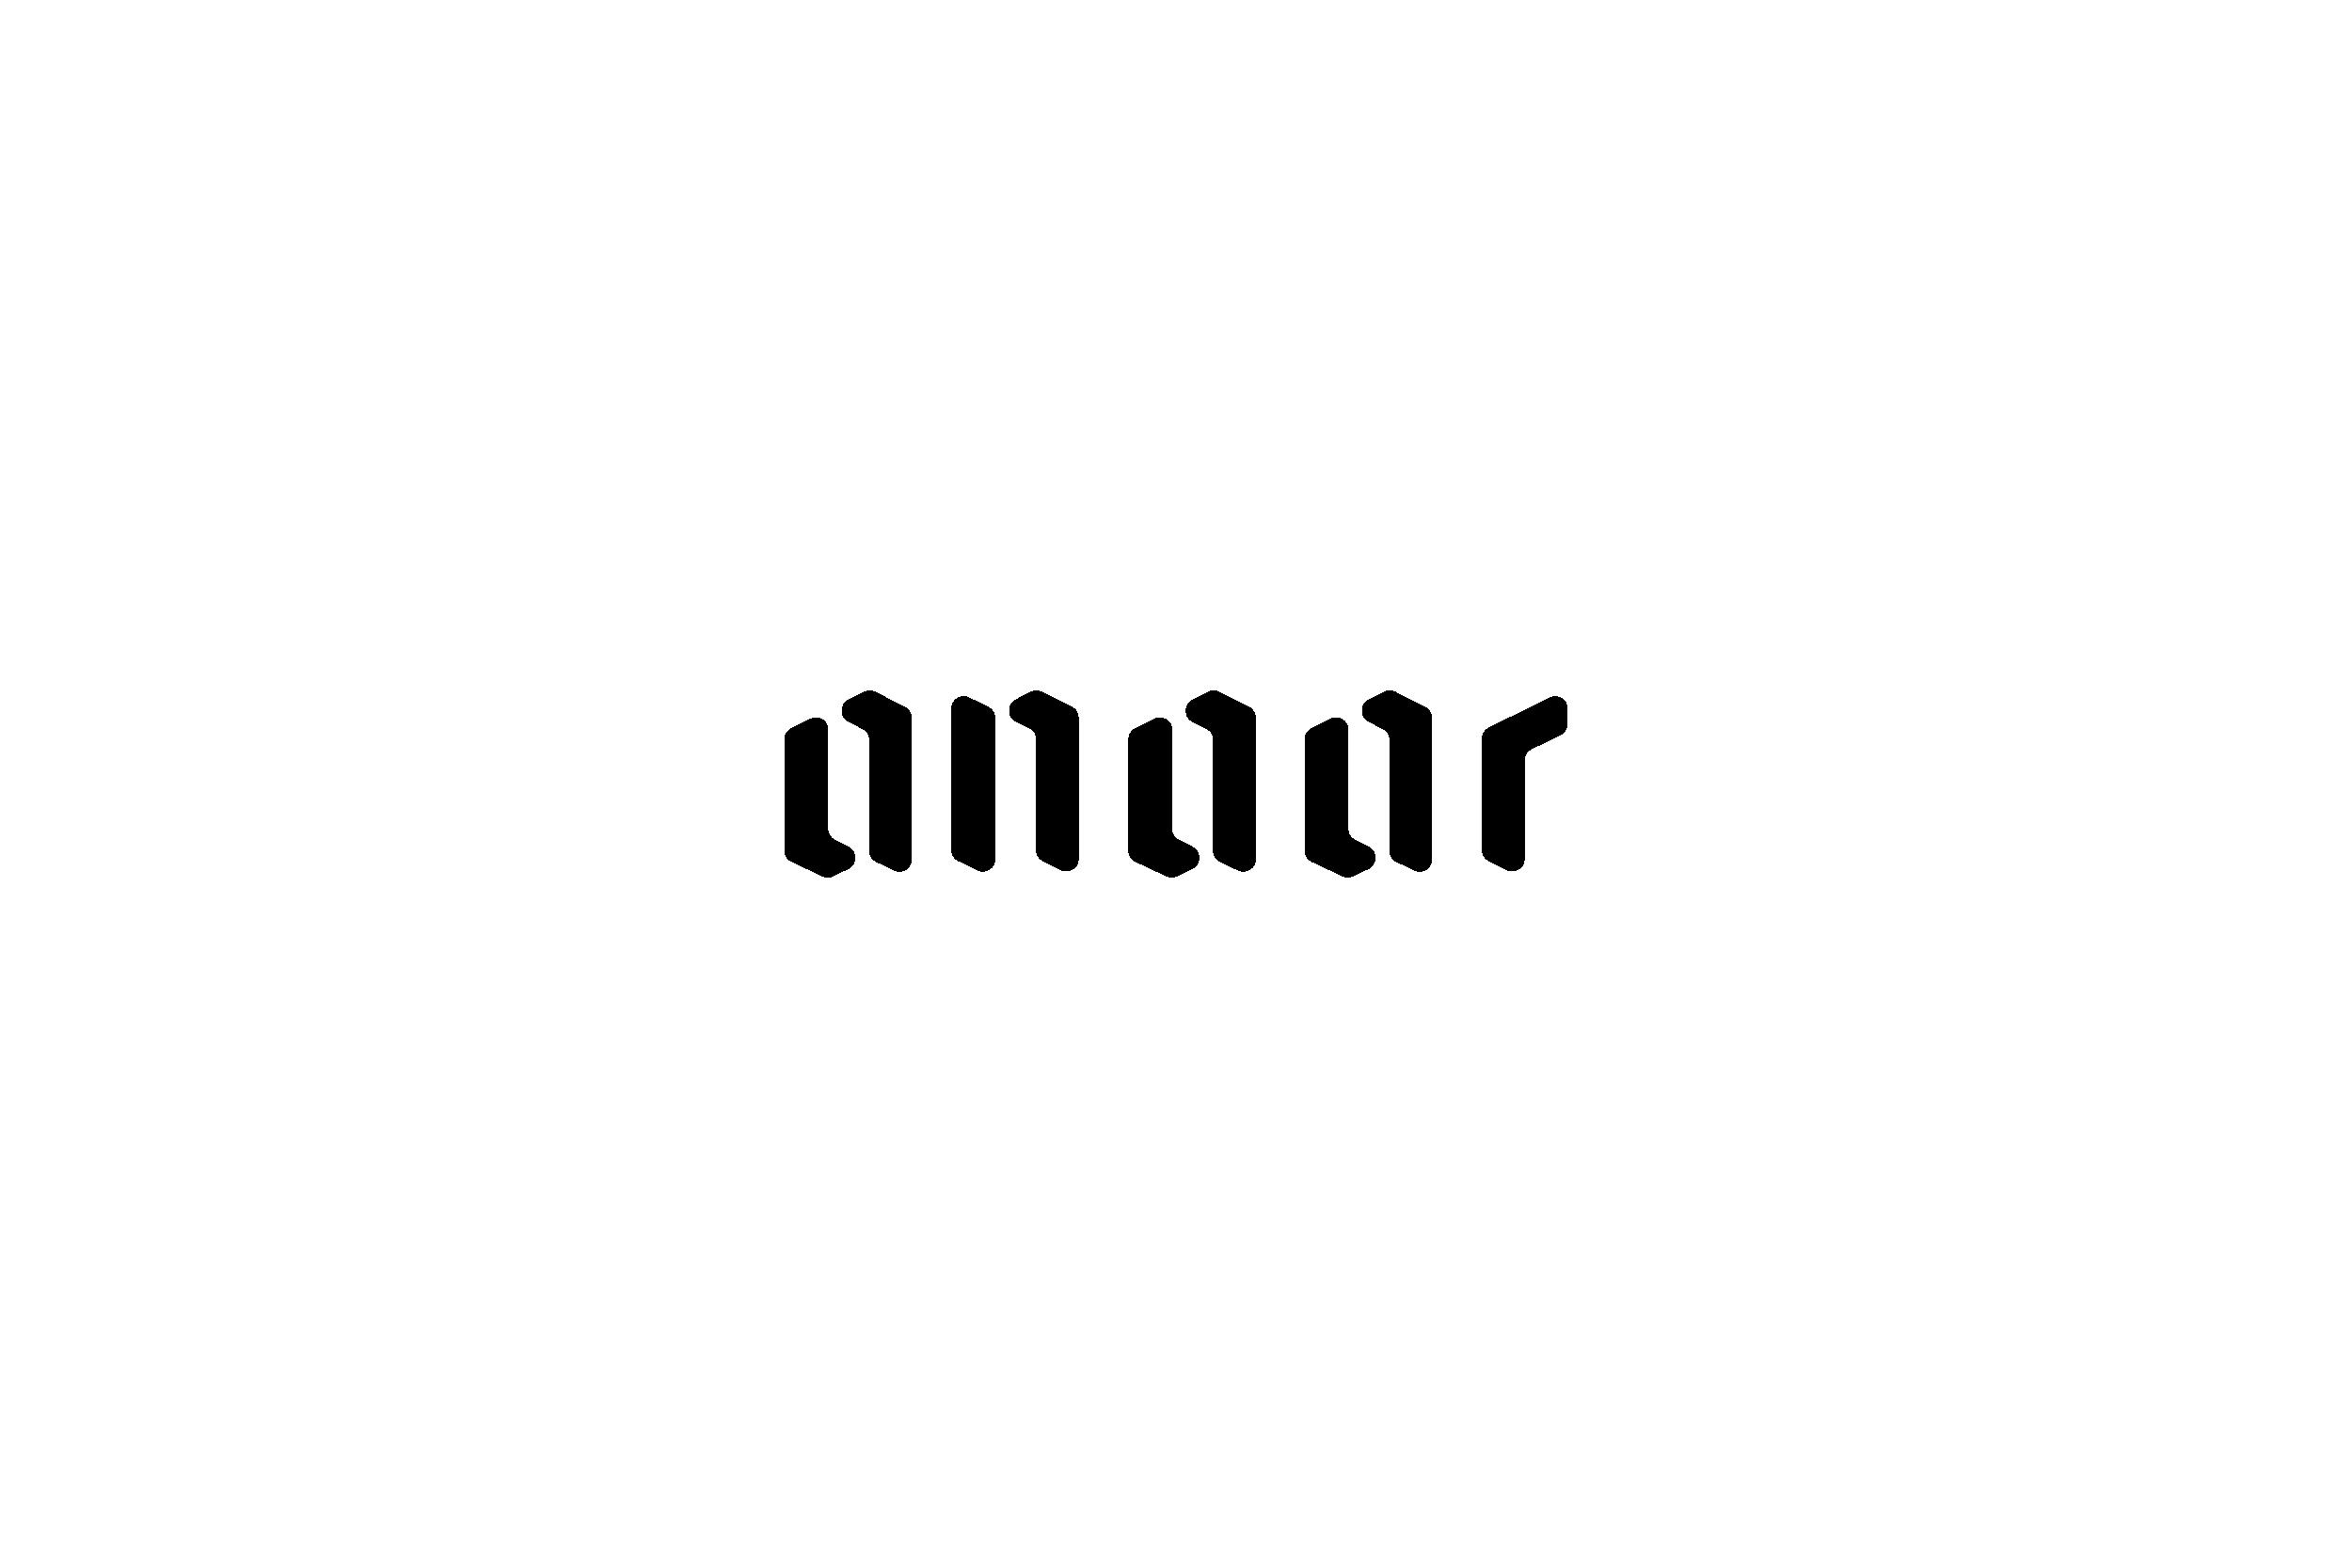 annar.png